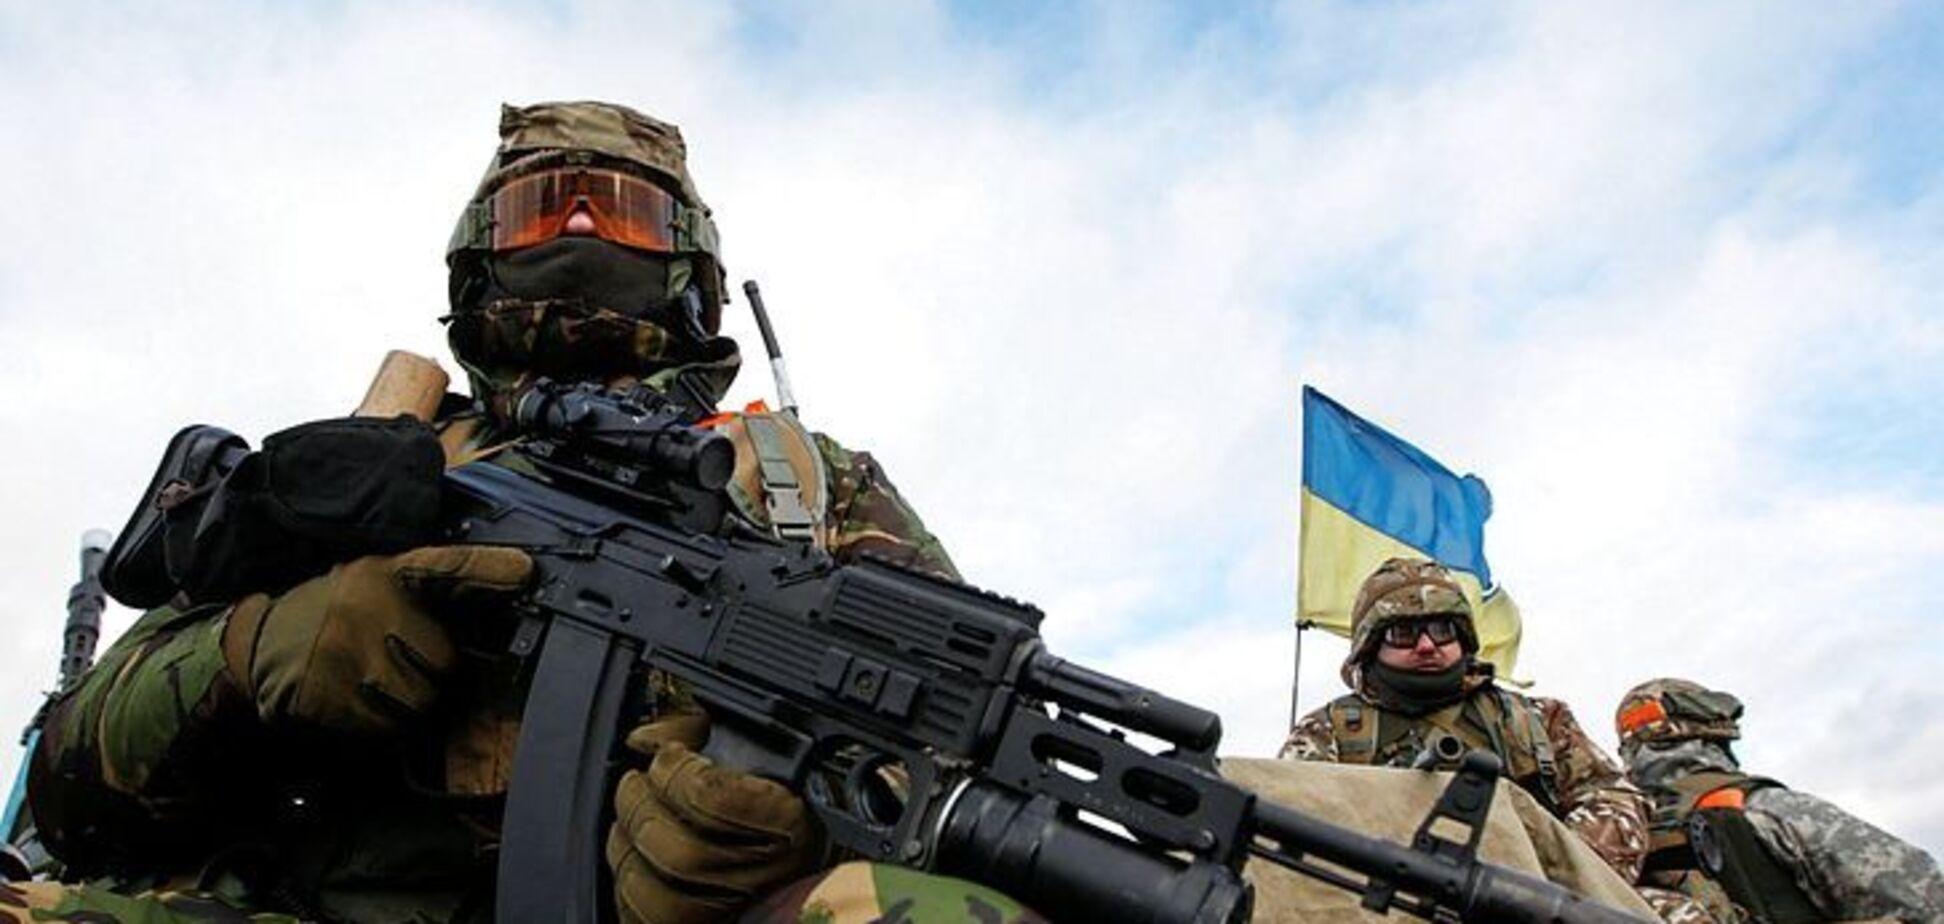 Появилось мощное фото ночного боя на Донбассе